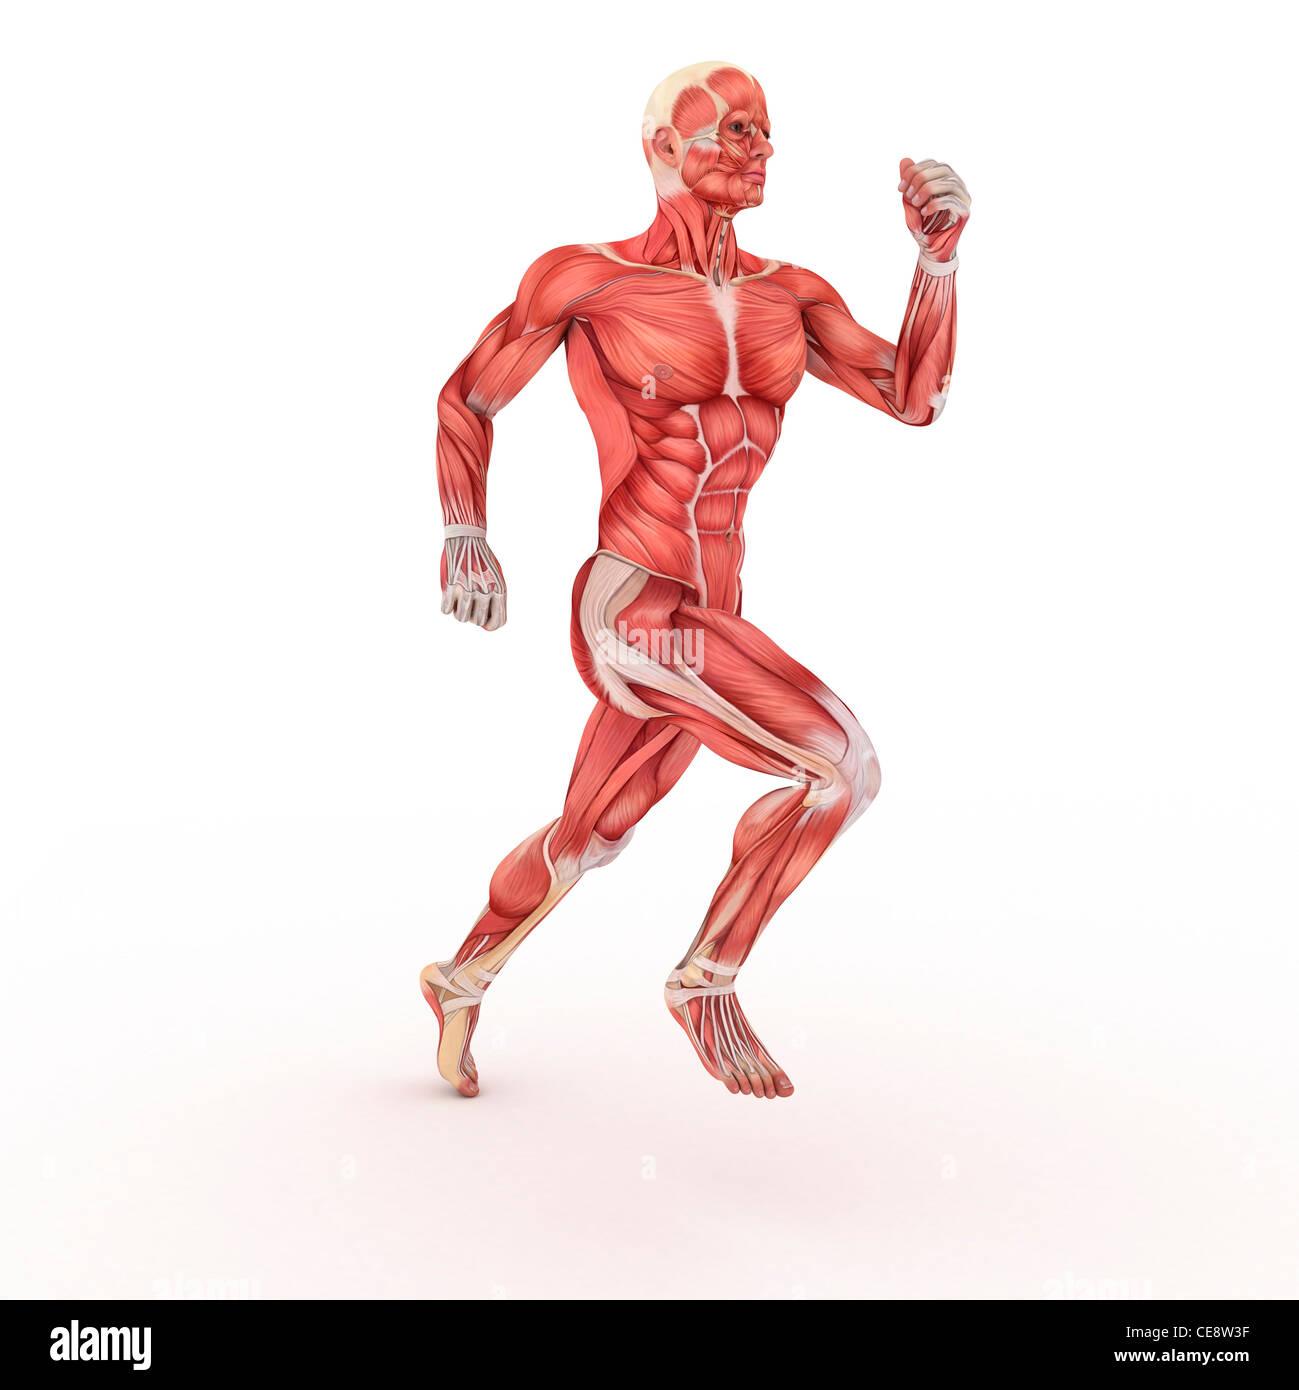 Großartig Muskelanatomie Weiblich Fotos - Anatomie Ideen - finotti.info